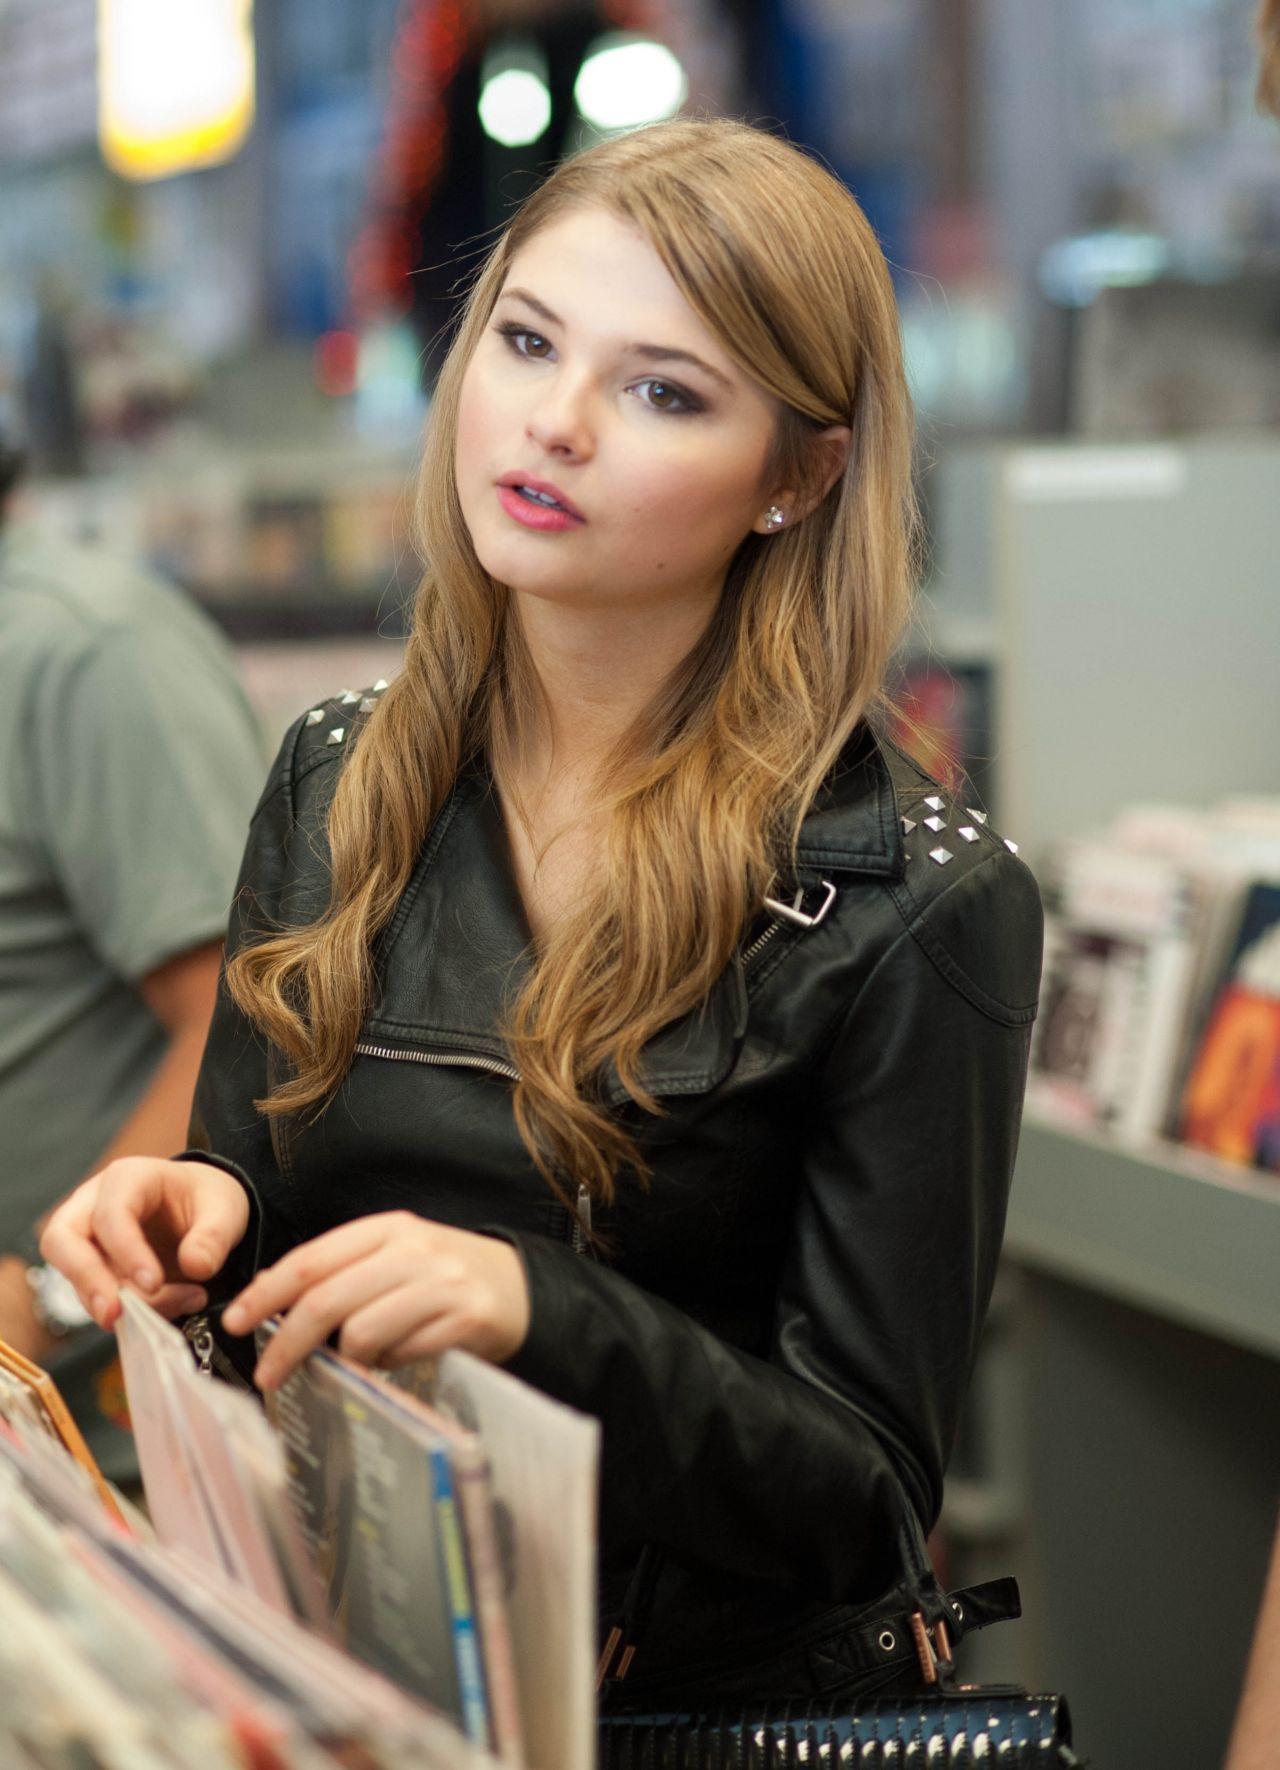 Stefanie Scott at Amoeba Music Store in Los Angeles - Part II